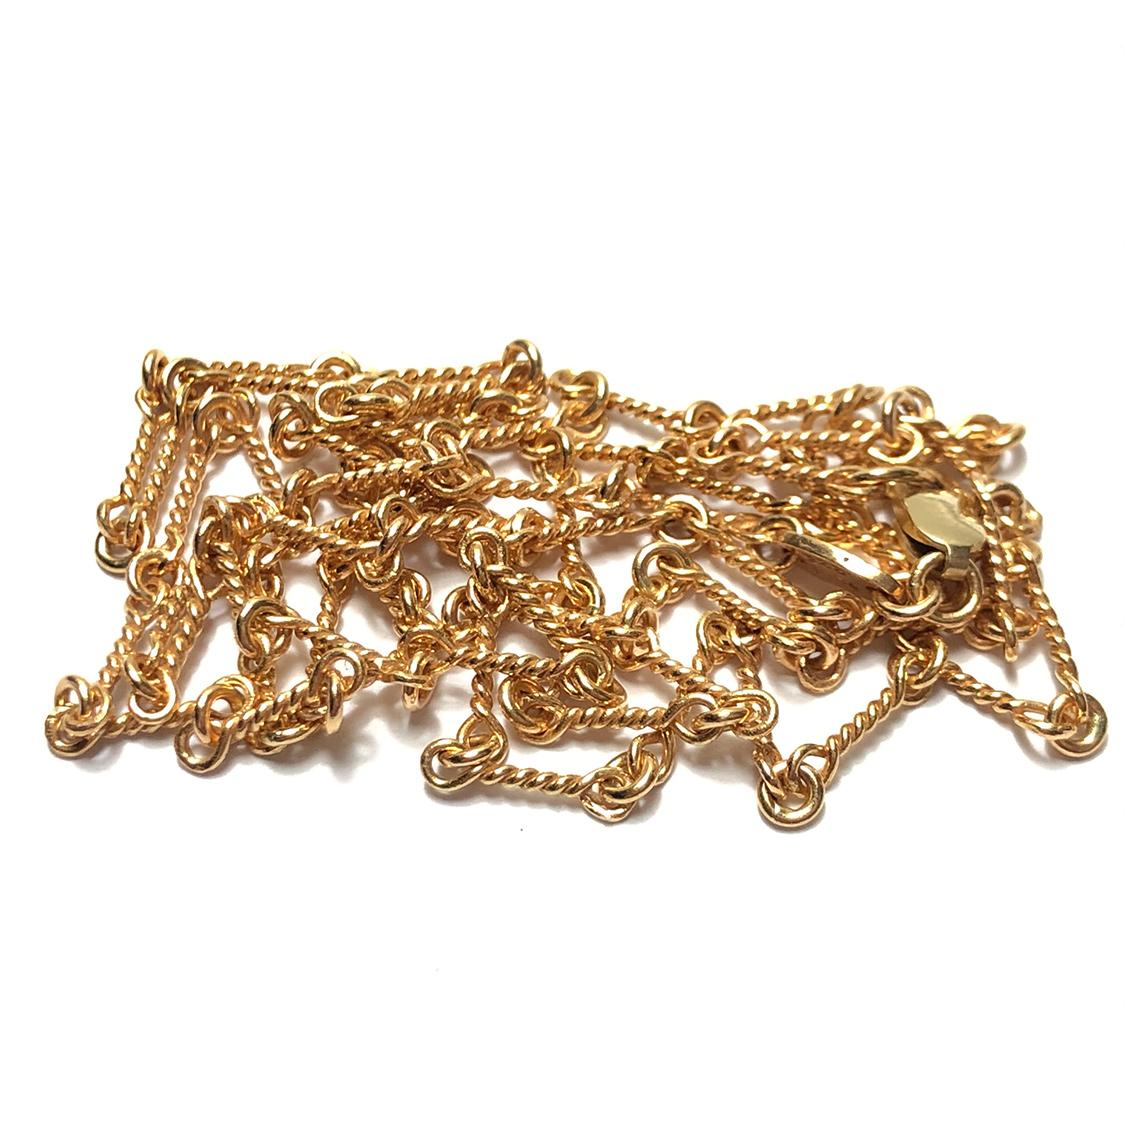 クロムハーツ CHROME HEARTS 22K ツイストチェーン 24インチ ネックレス ゴールド 約62cm